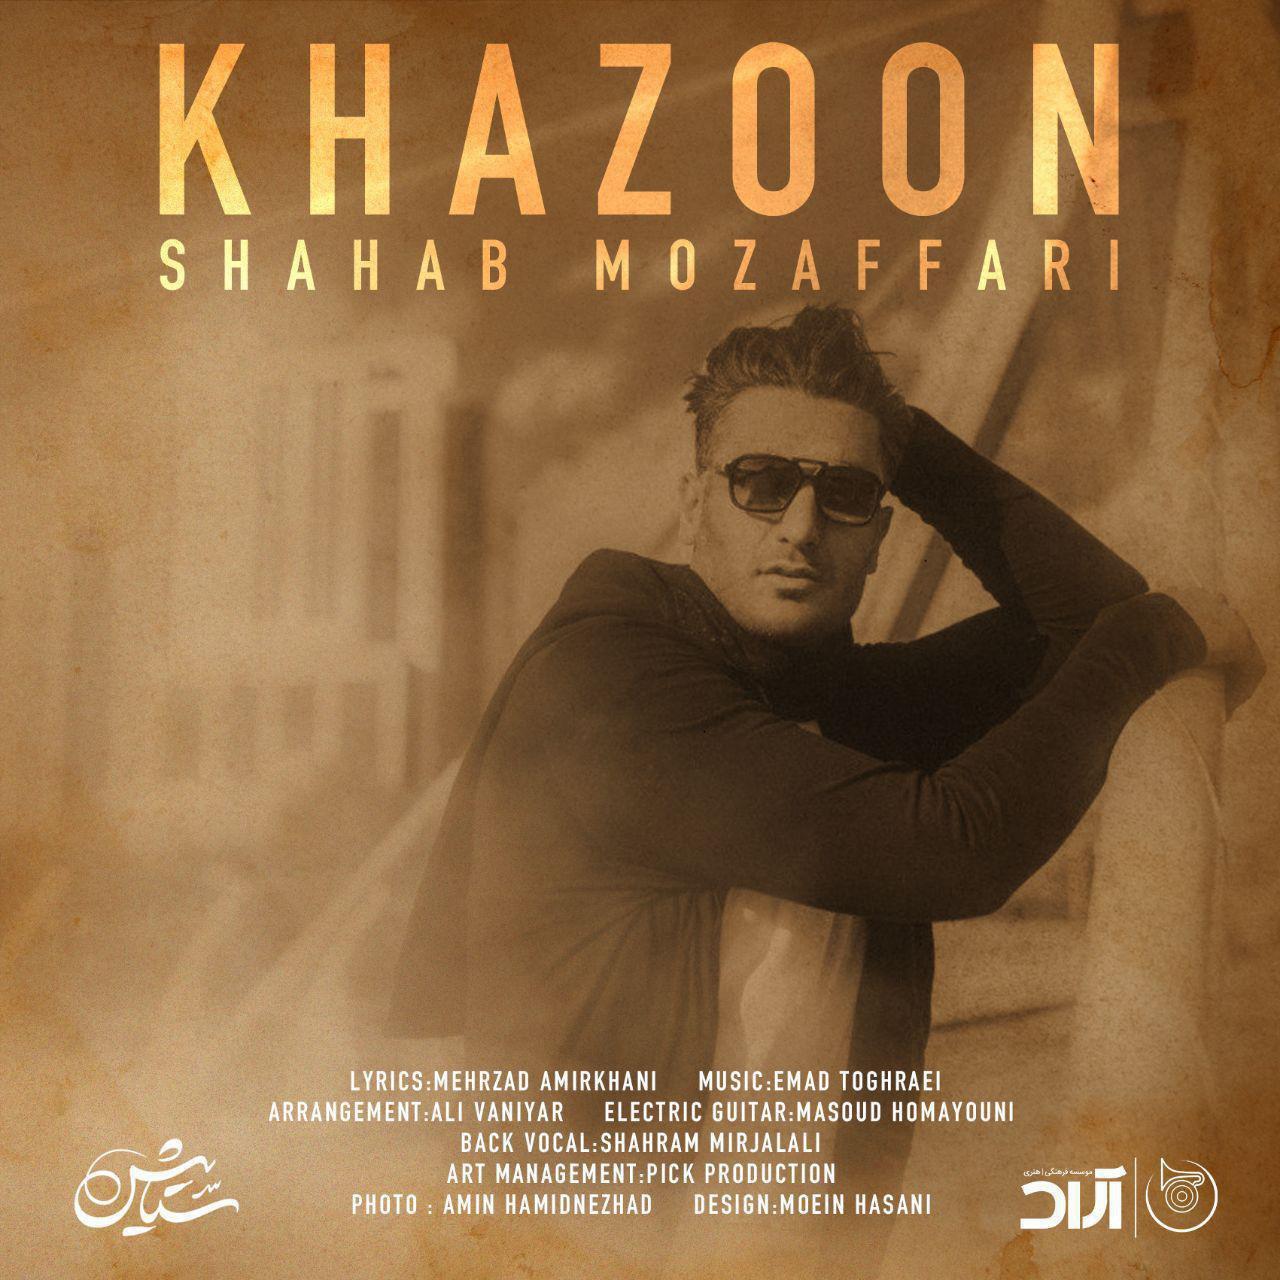 Shahab Mozaffari – Khazoon